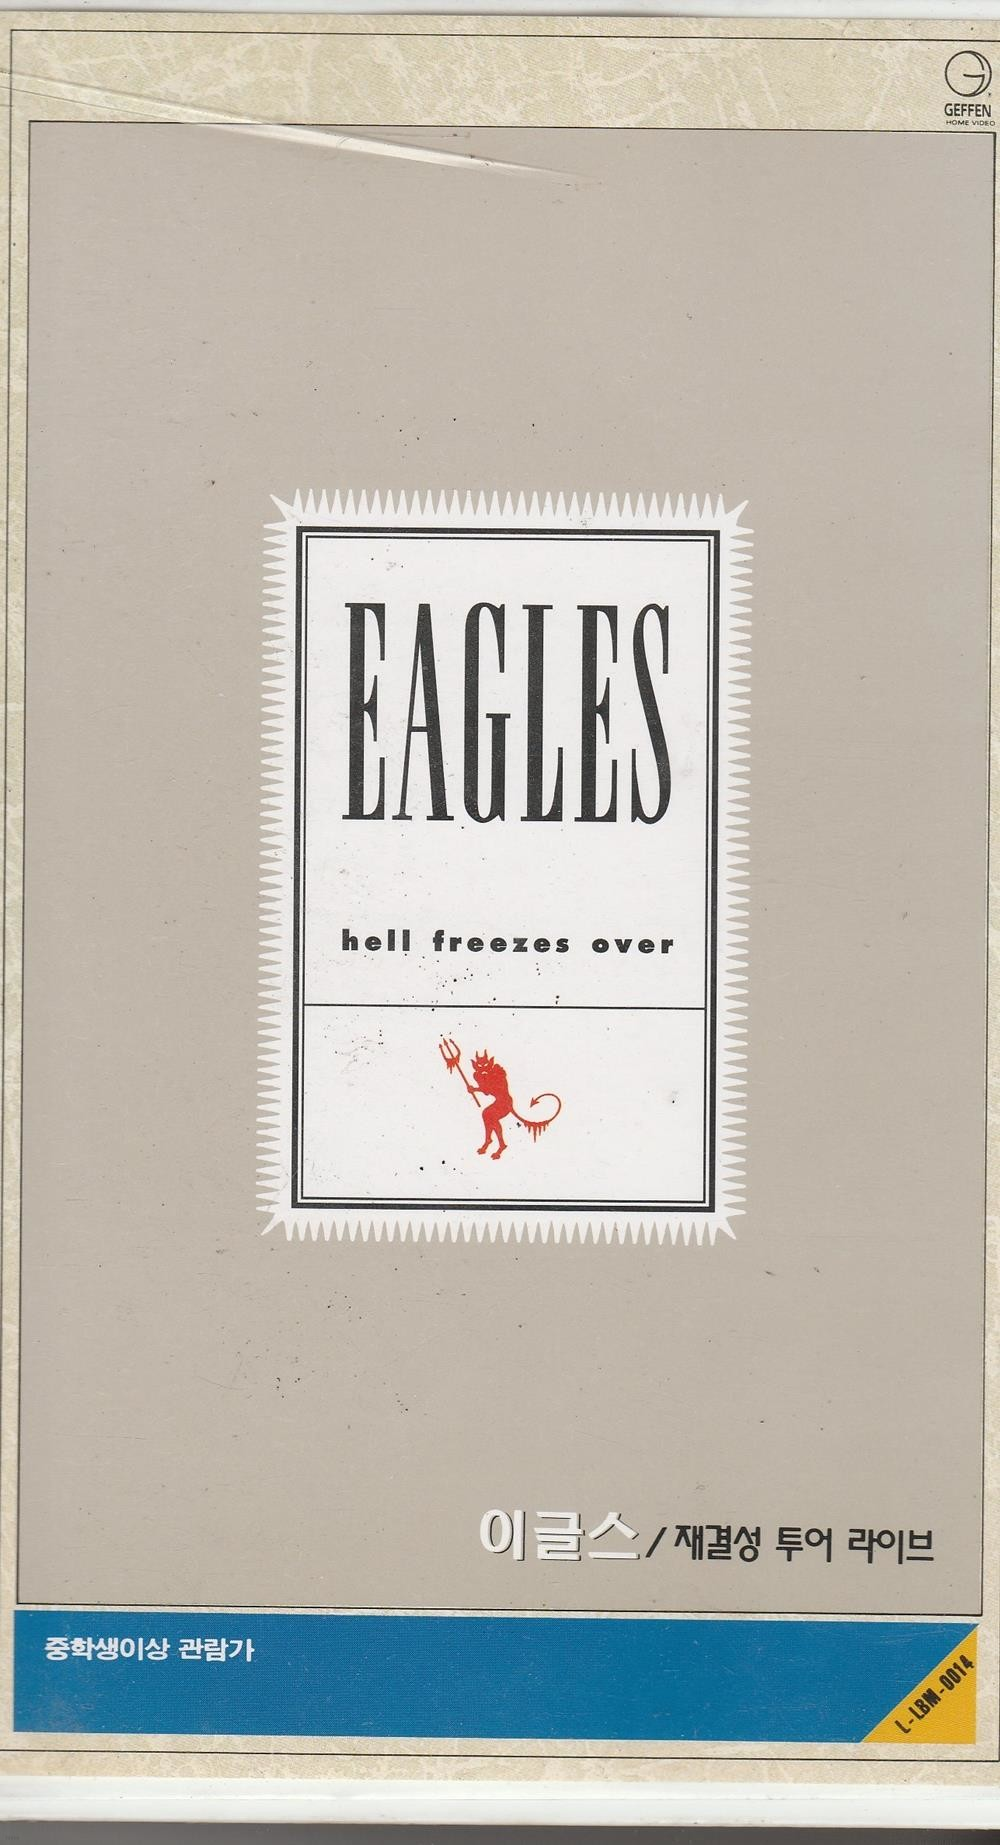 [비디오 테이프] Eagles - Hell Freezes Over